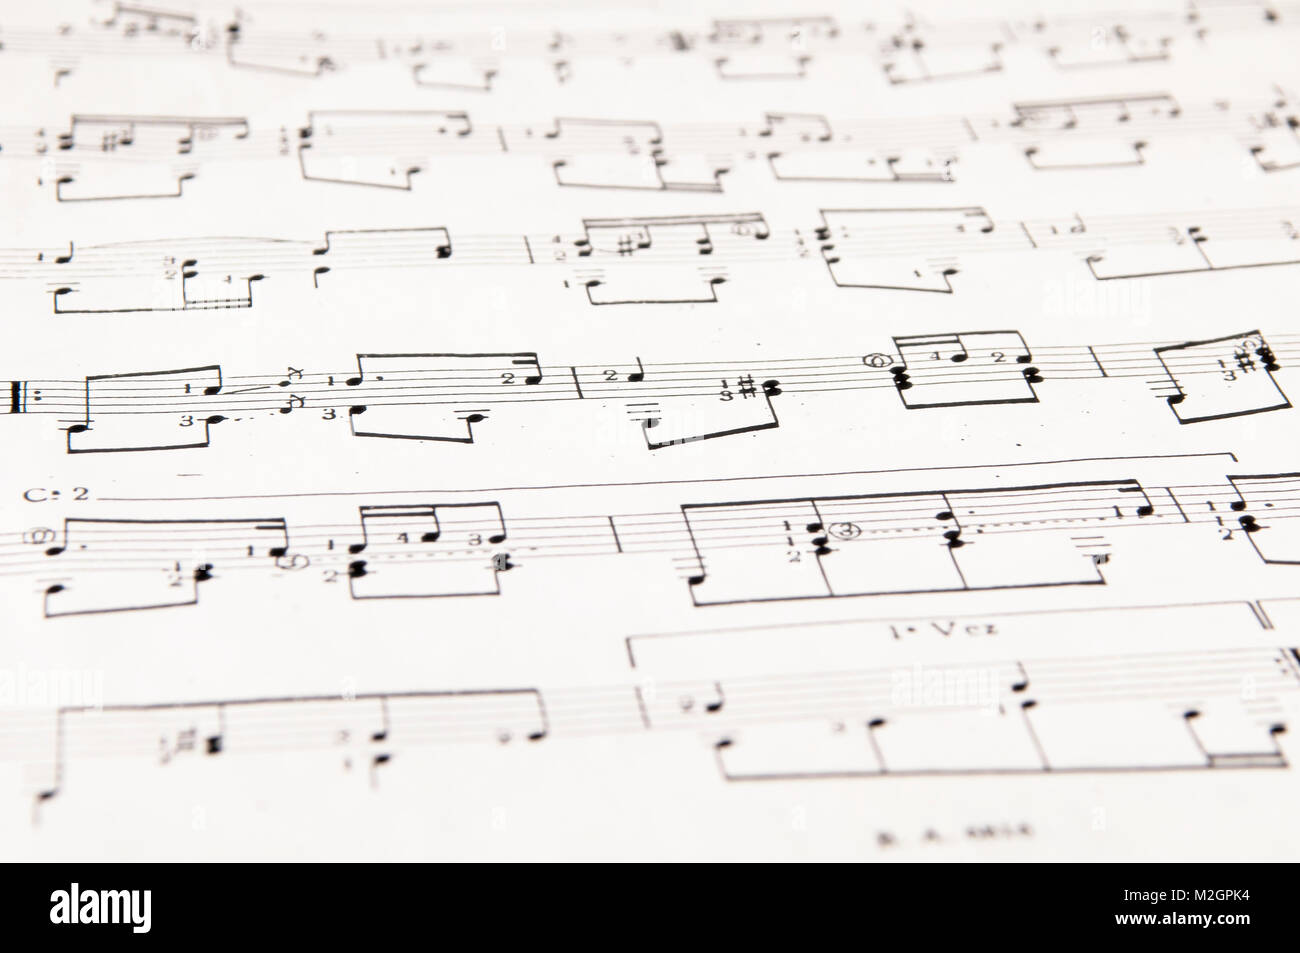 Pentagramas Musicales Con Cinco Líneas Horizontales Y Notas